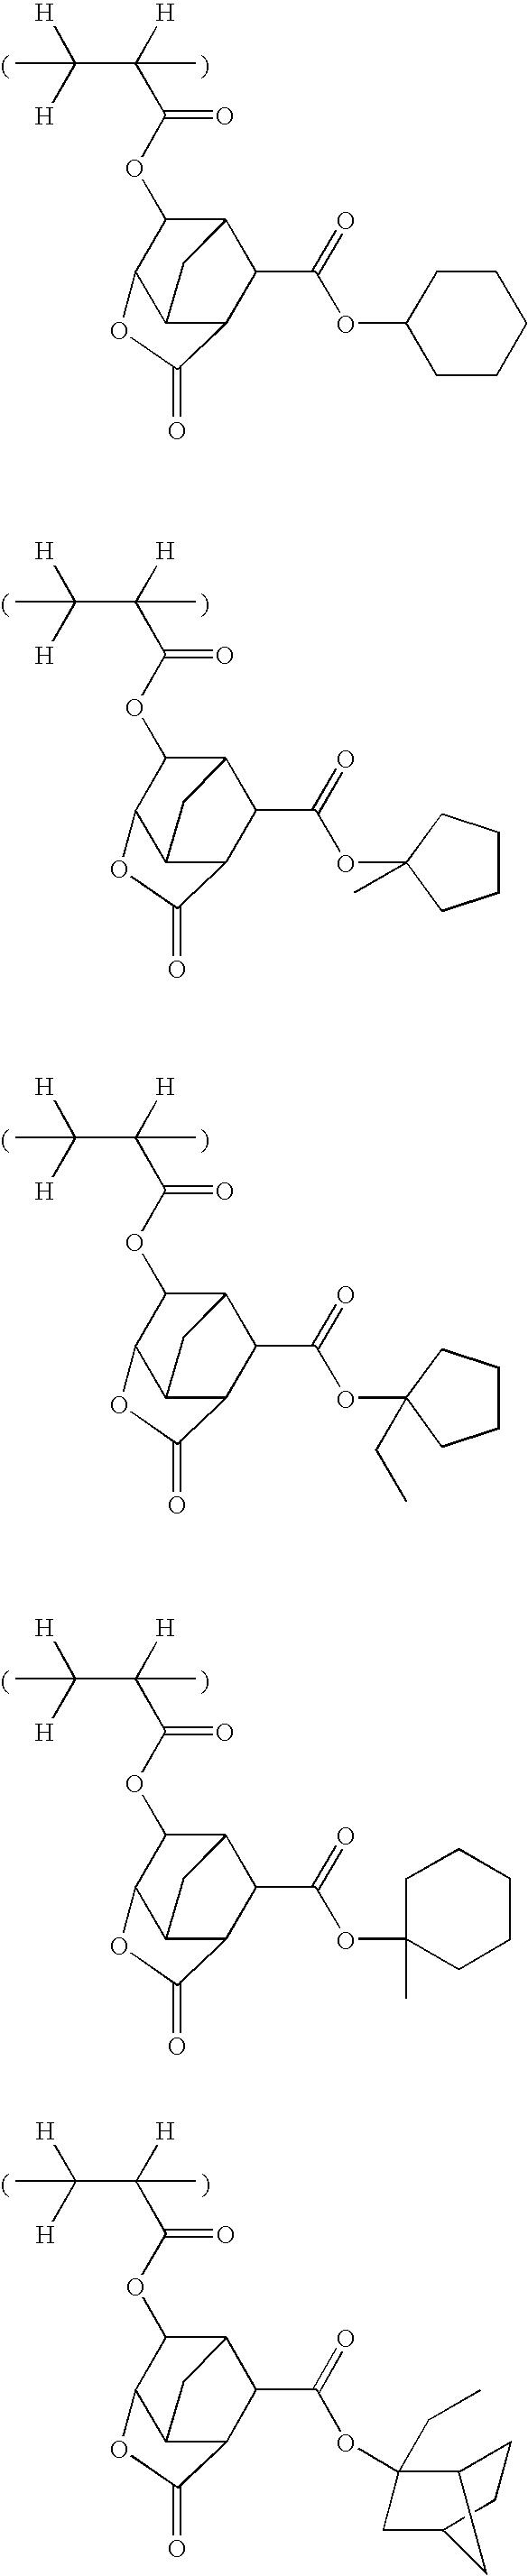 Figure US20070231738A1-20071004-C00039